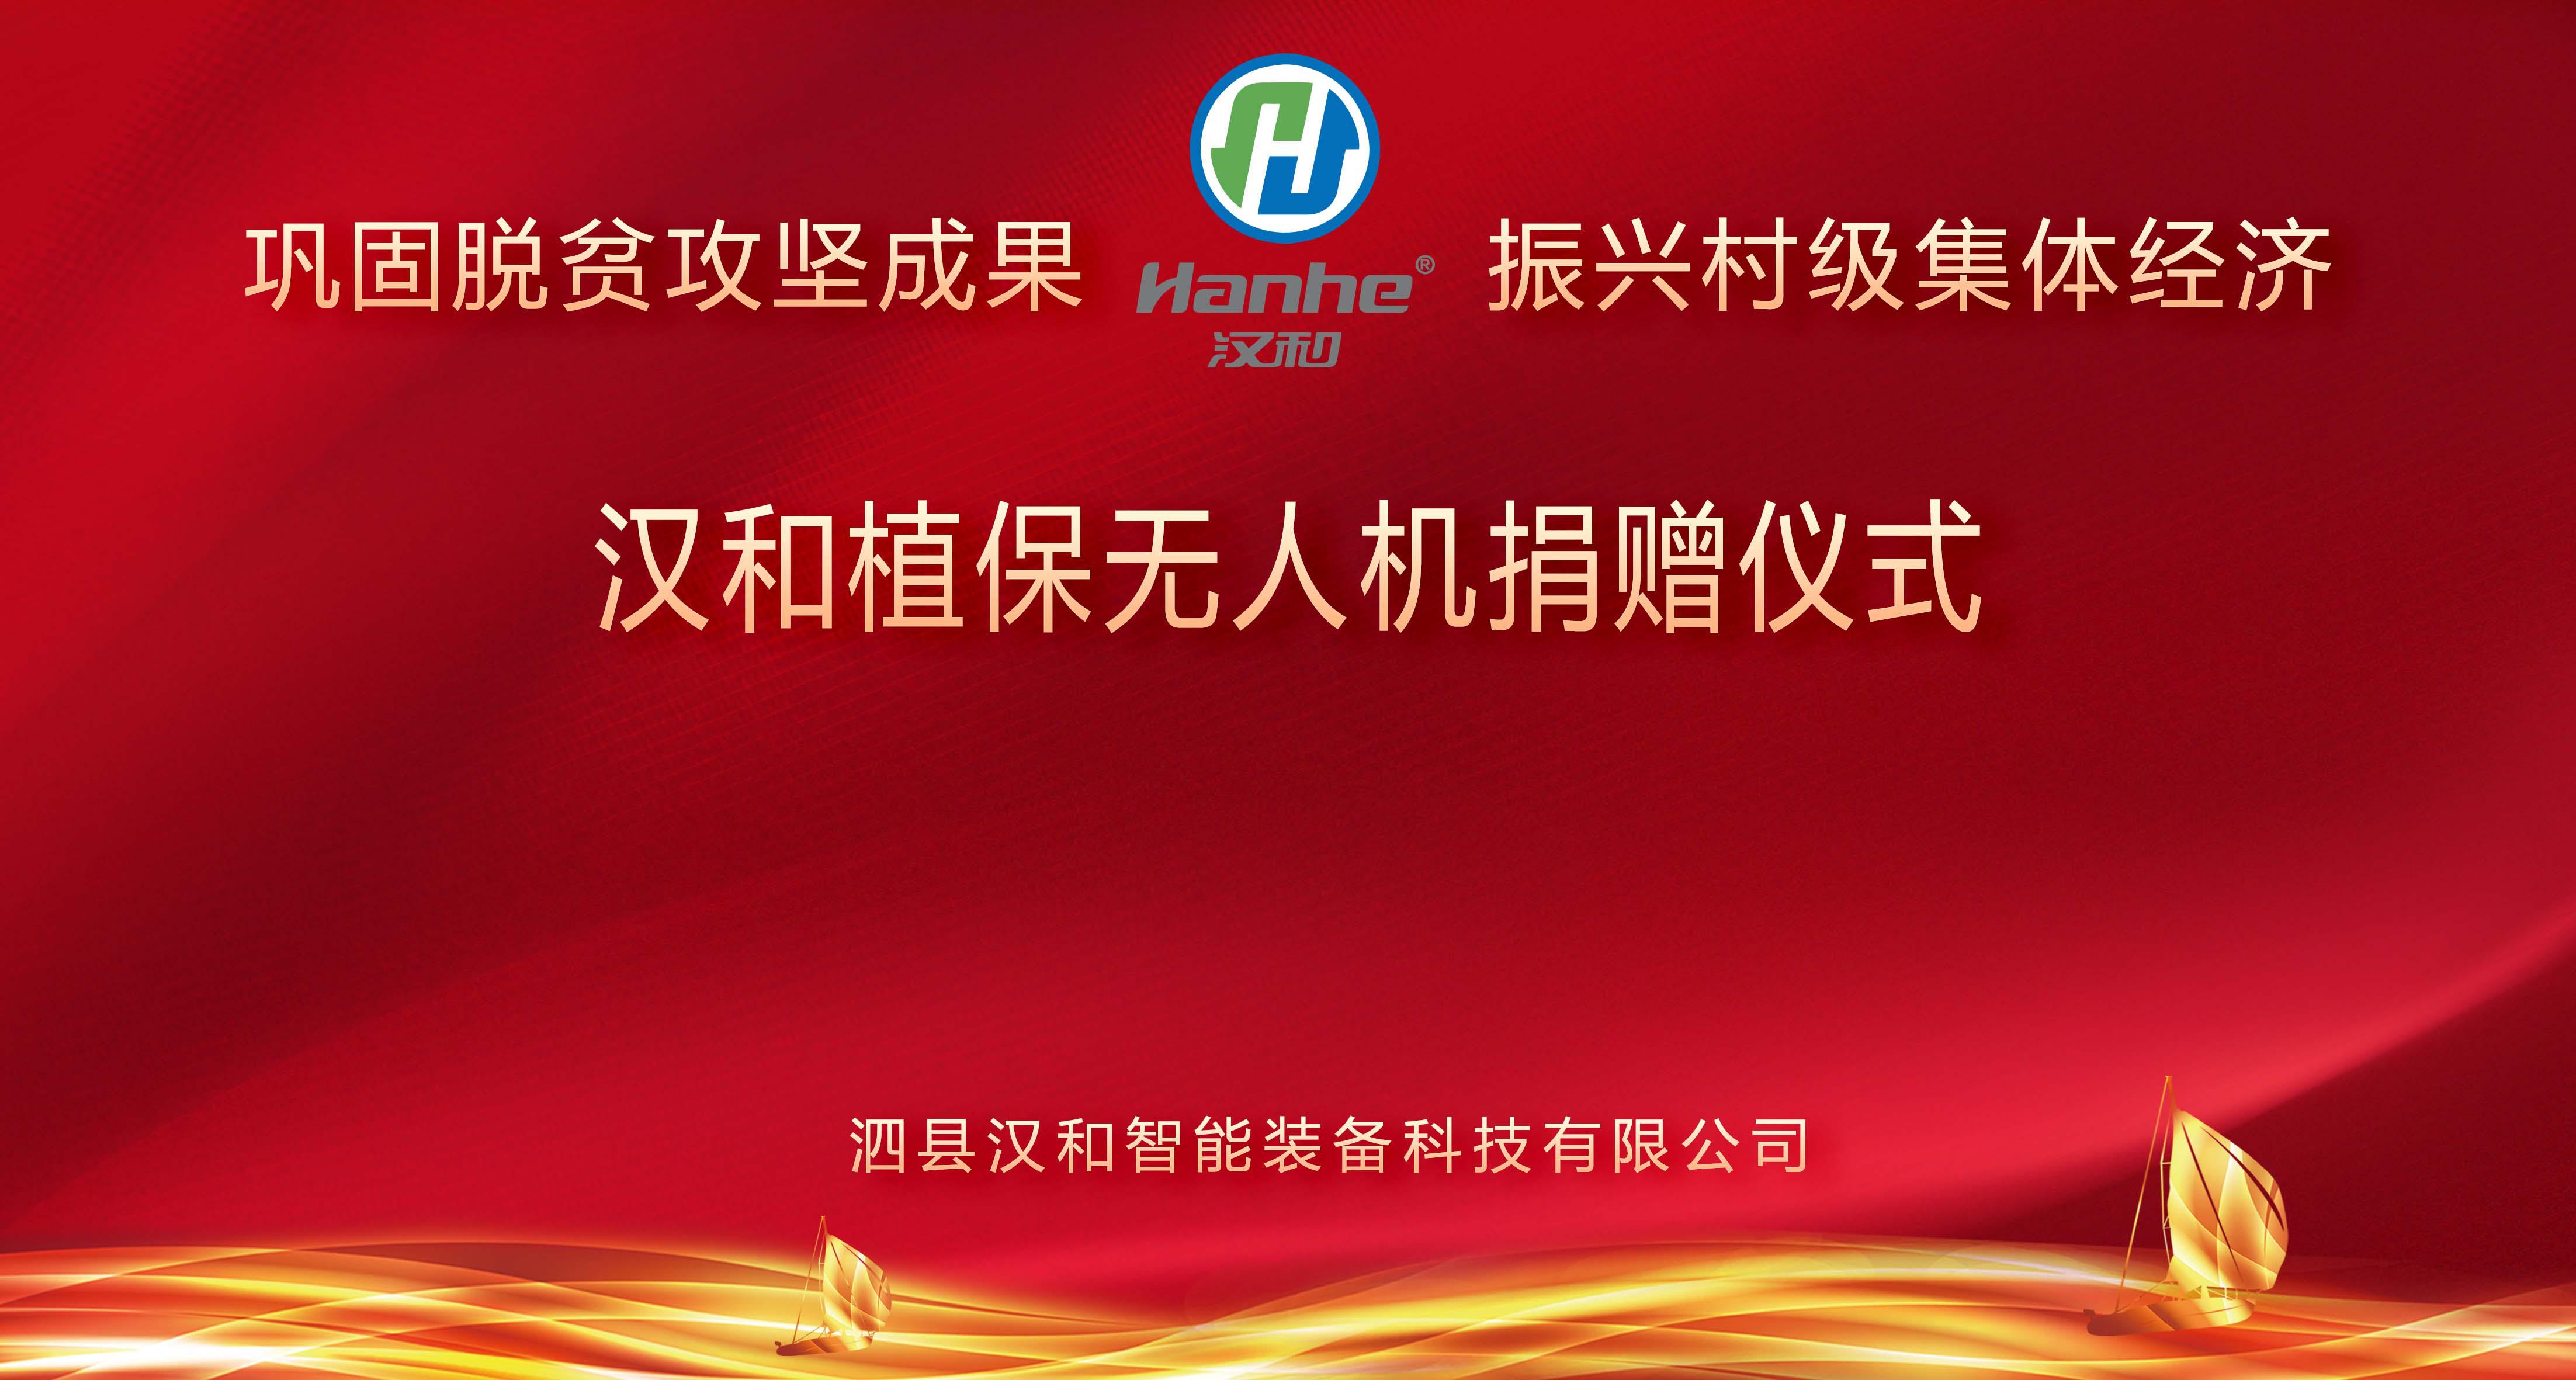 泗县汉和:巩固脱贫攻坚成果,振兴村级集体经济